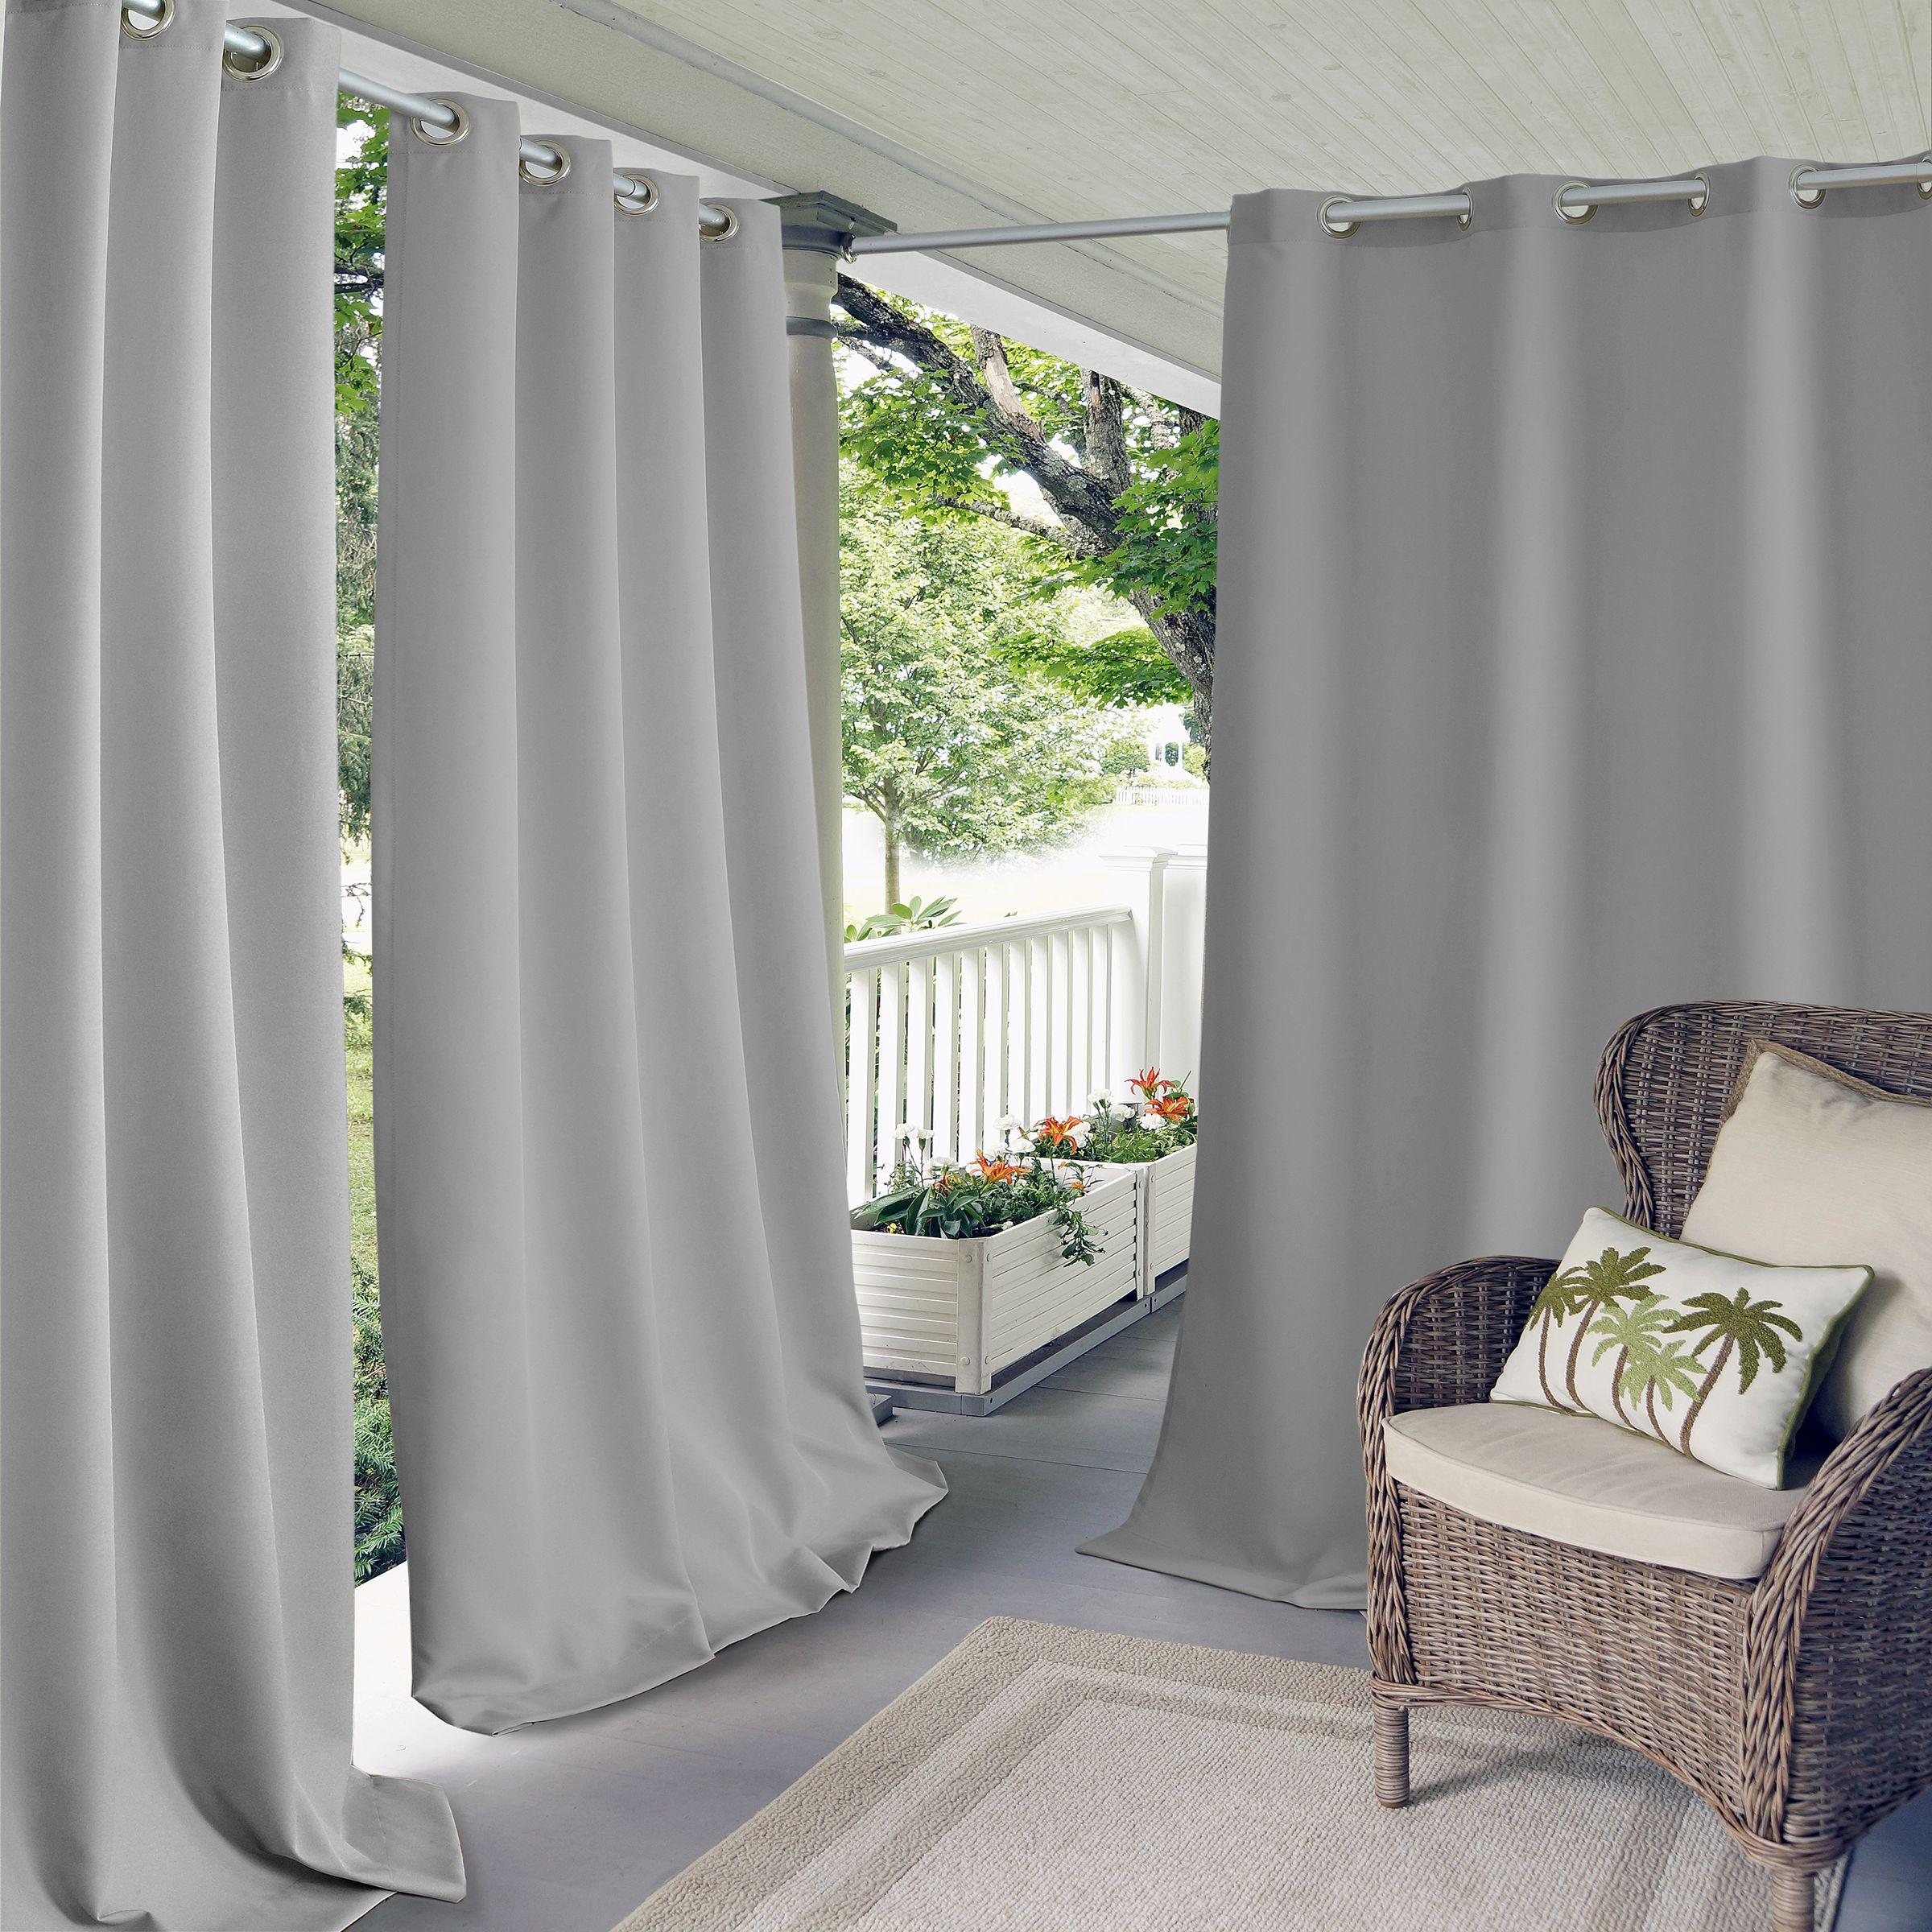 Connor Solid Grommet Top Indoor/outdoor Window Curtain In In 2020 Davis Patio Grommet Top Single Curtain Panels (View 4 of 20)